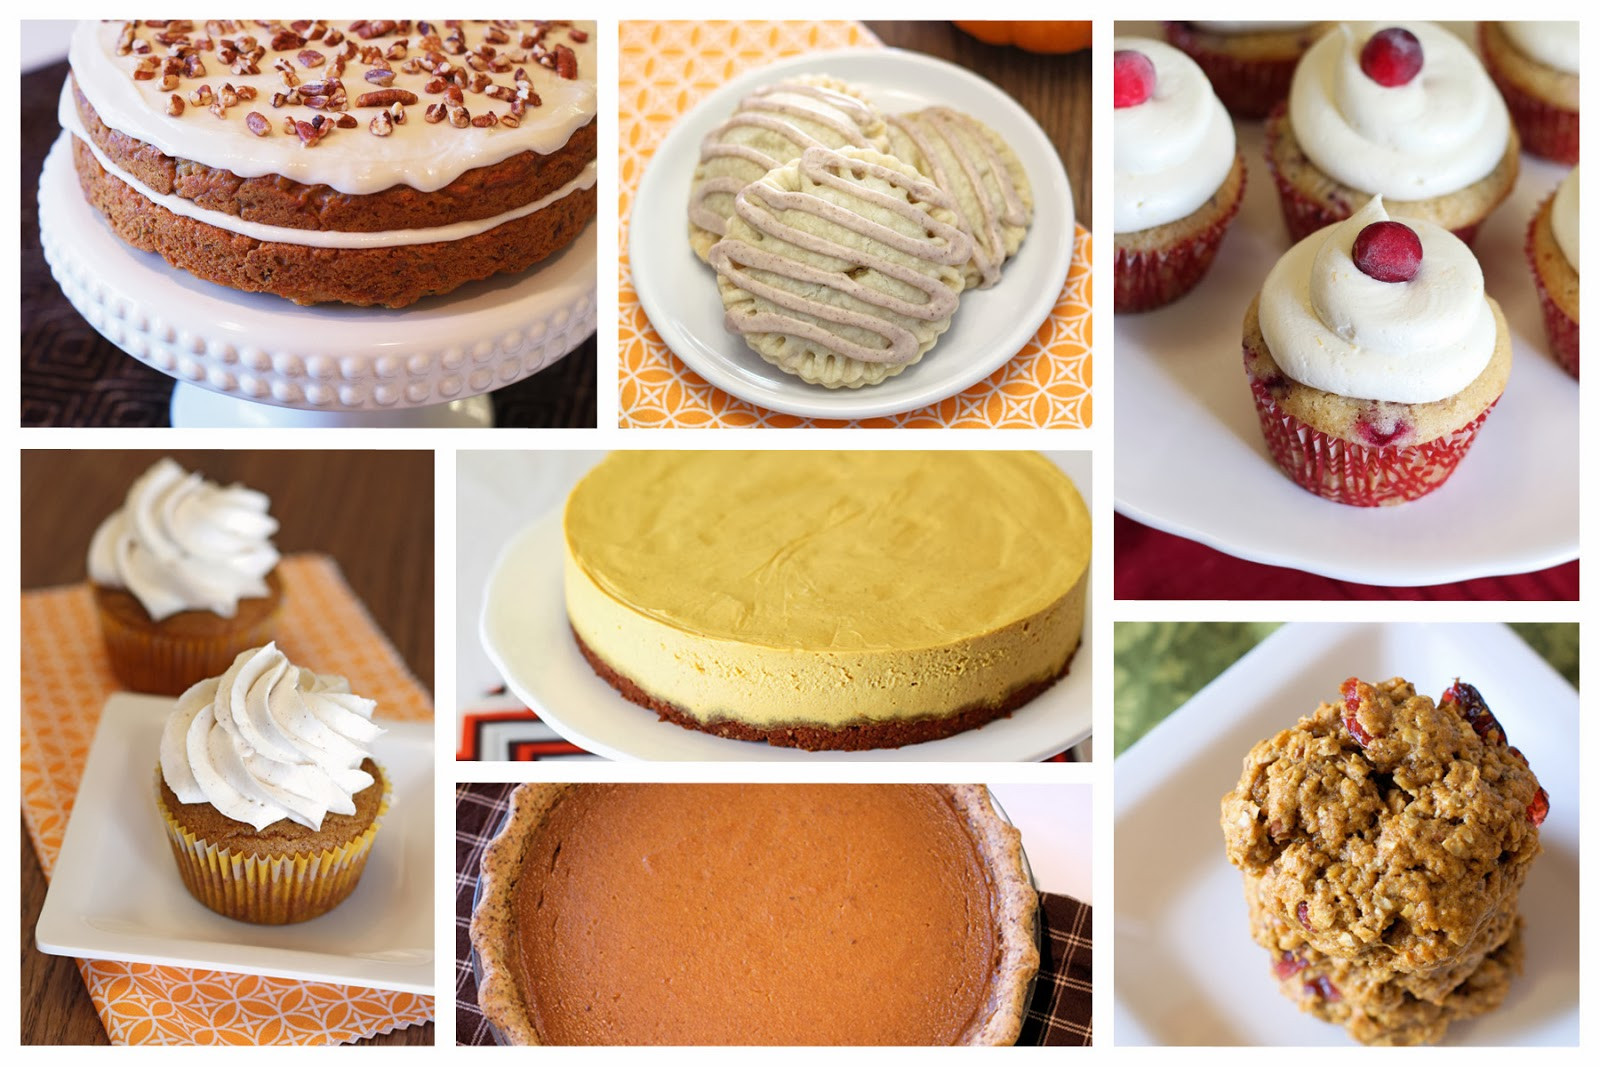 Thanksgiving Desserts Ideas  gluten free vegan thanksgiving desserts Sarah Bakes